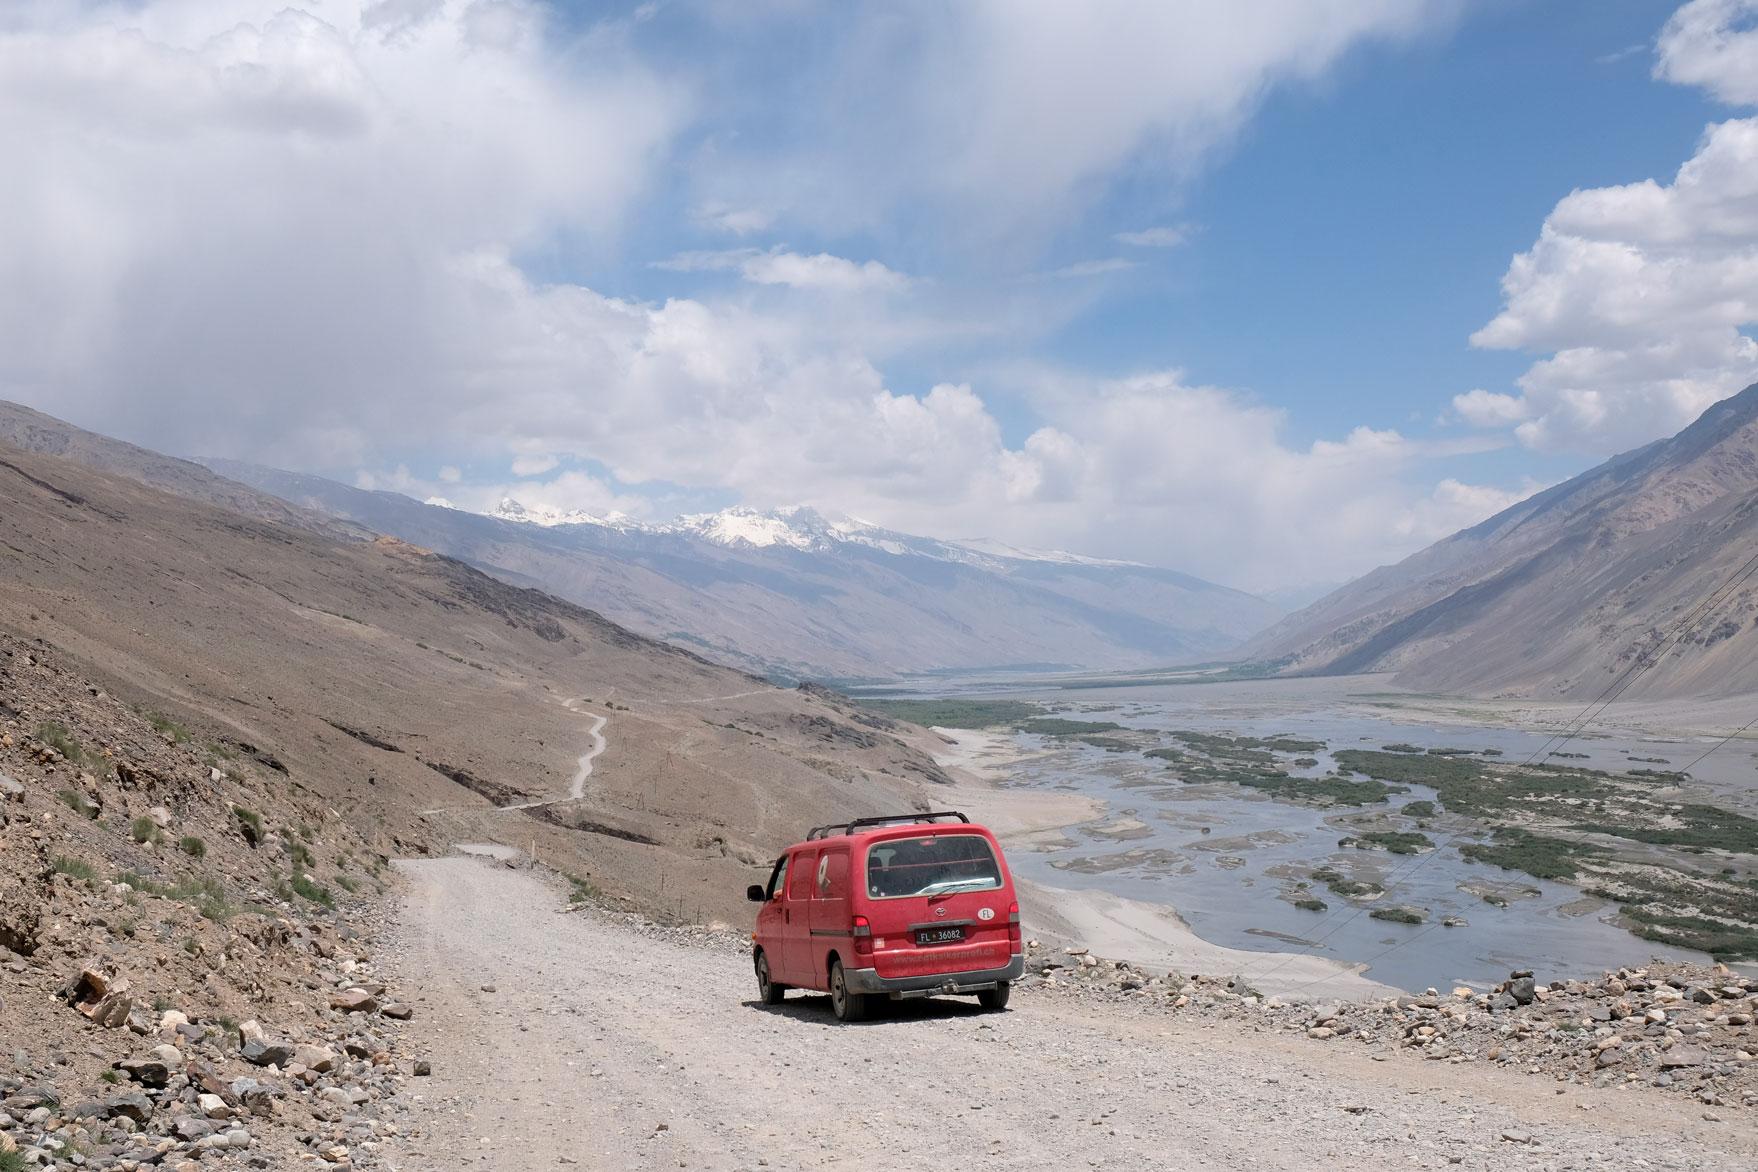 Ein roter Kleintransporter auf einer Schotterstraße auf dem Pamir Highway.